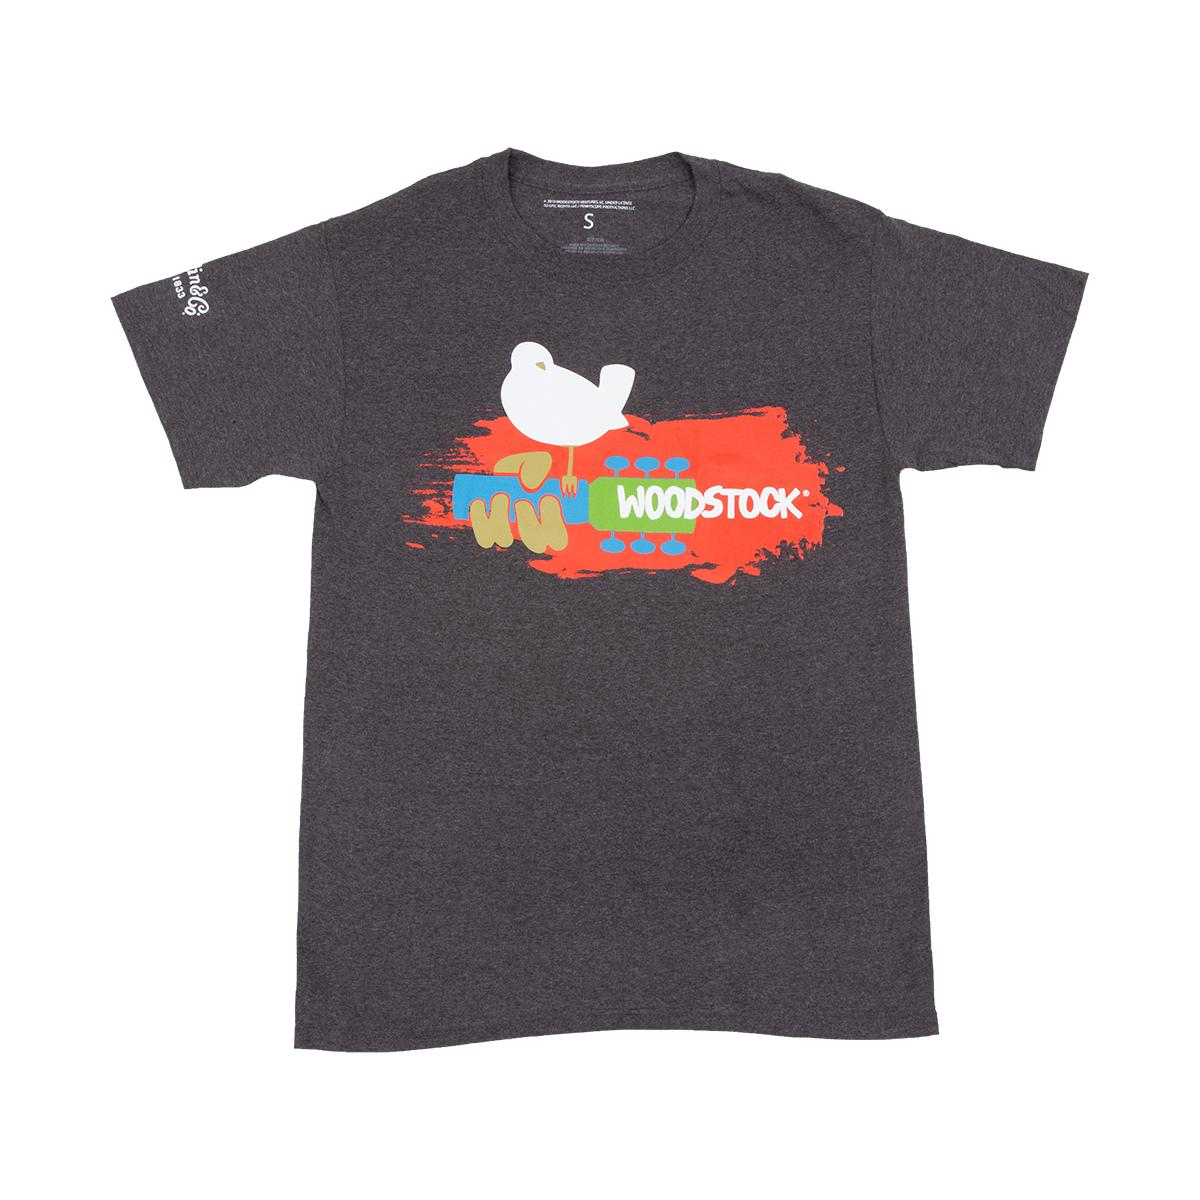 Charcoal Woodstock T-shirt